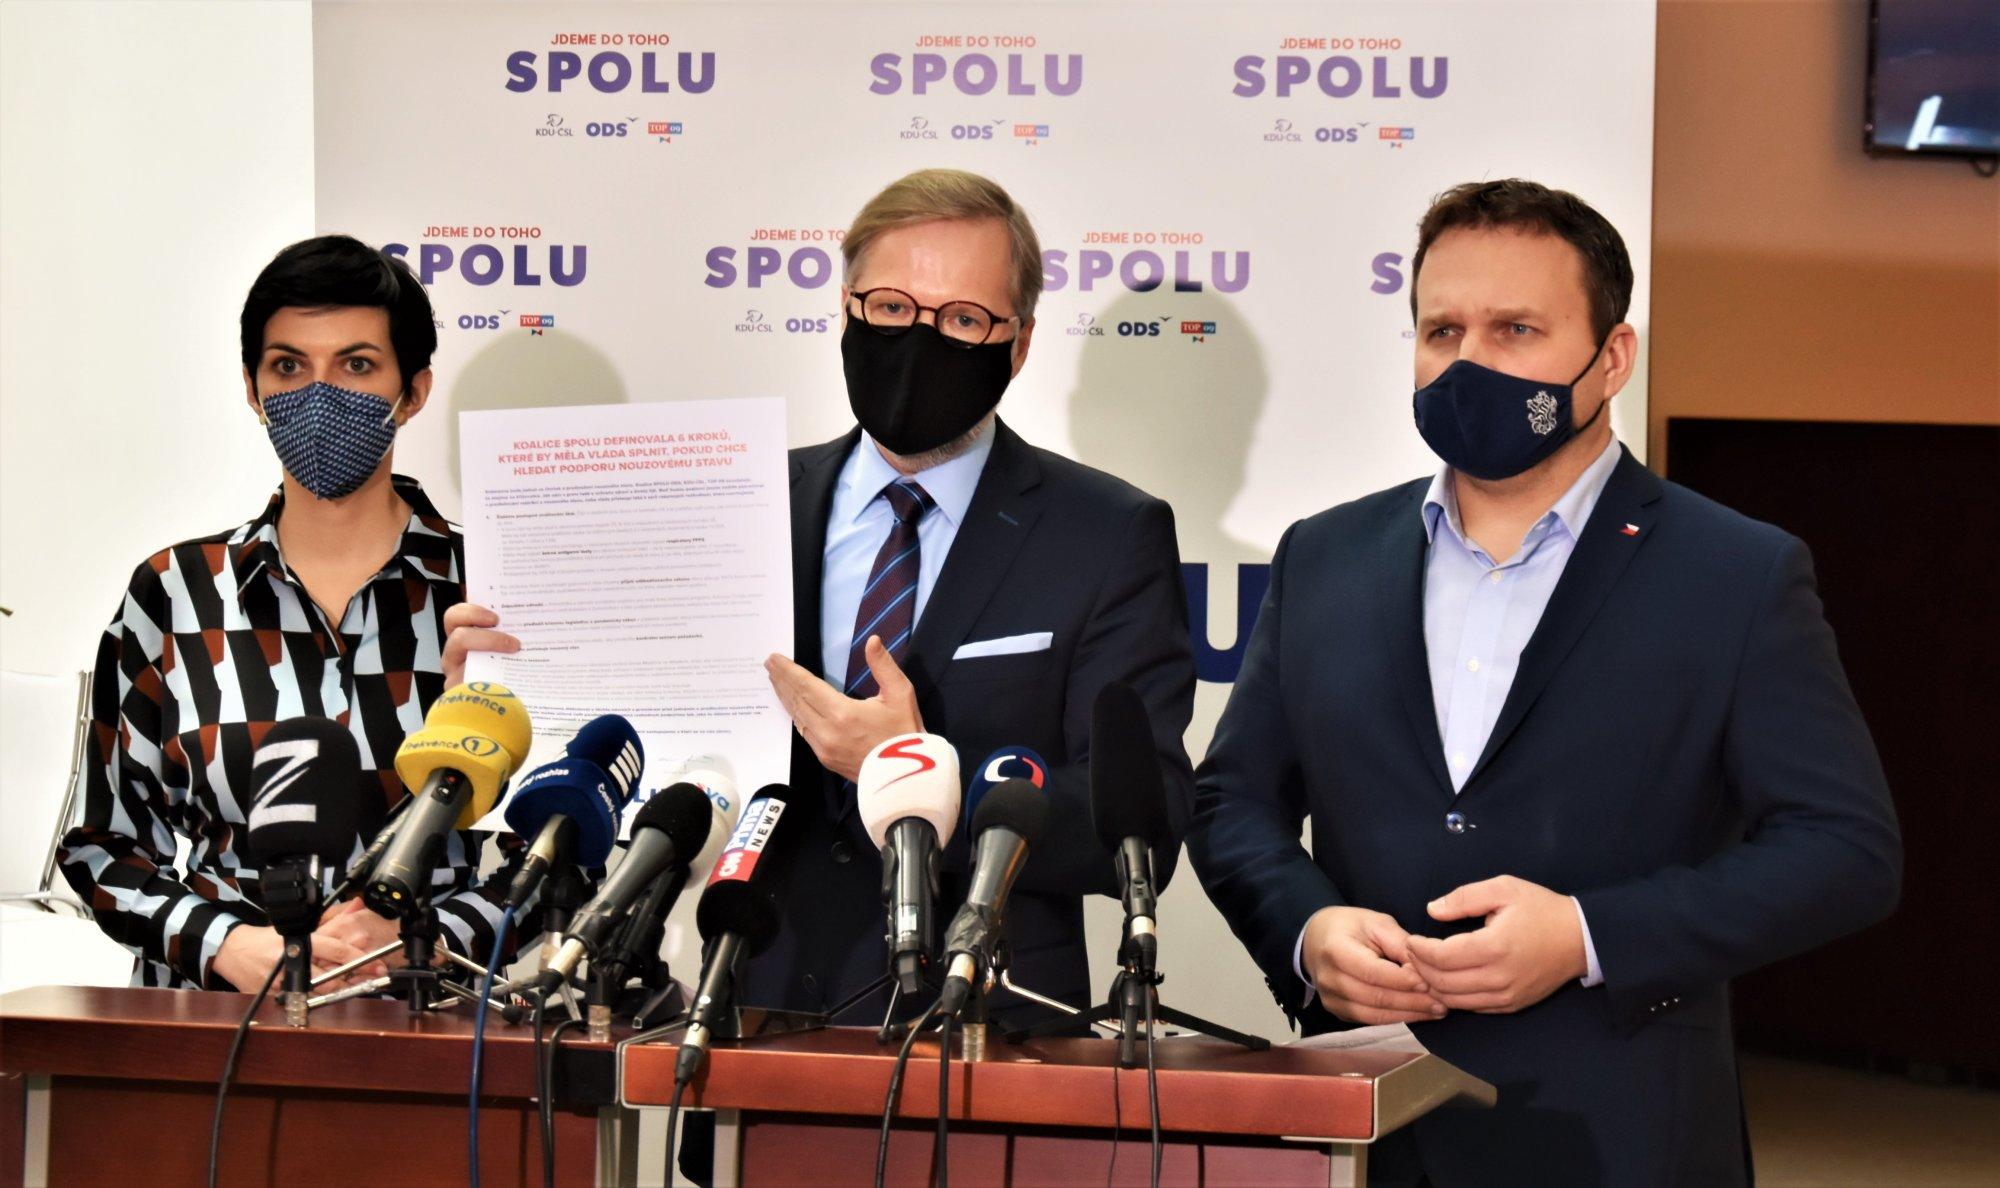 SPOLU: Vláda musí zařídit šetrné testy a rychlejší očkování. Měla by podporovat české výrobce